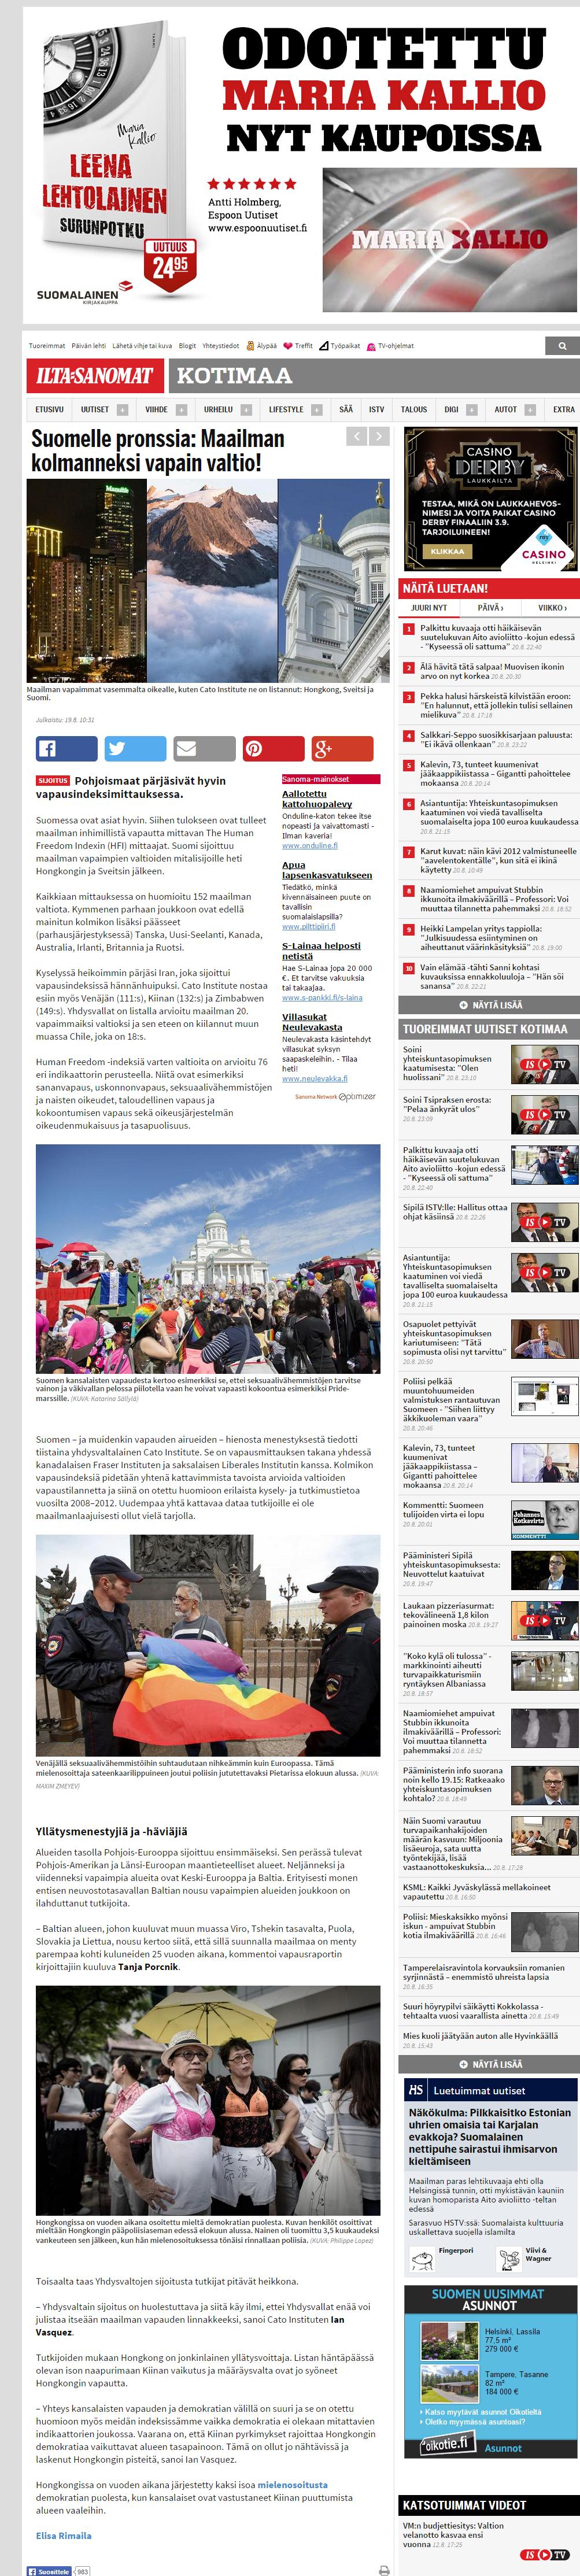 screencapture-www-iltasanomat-fi-kotimaa-art-1439879577538-html-1440113189760